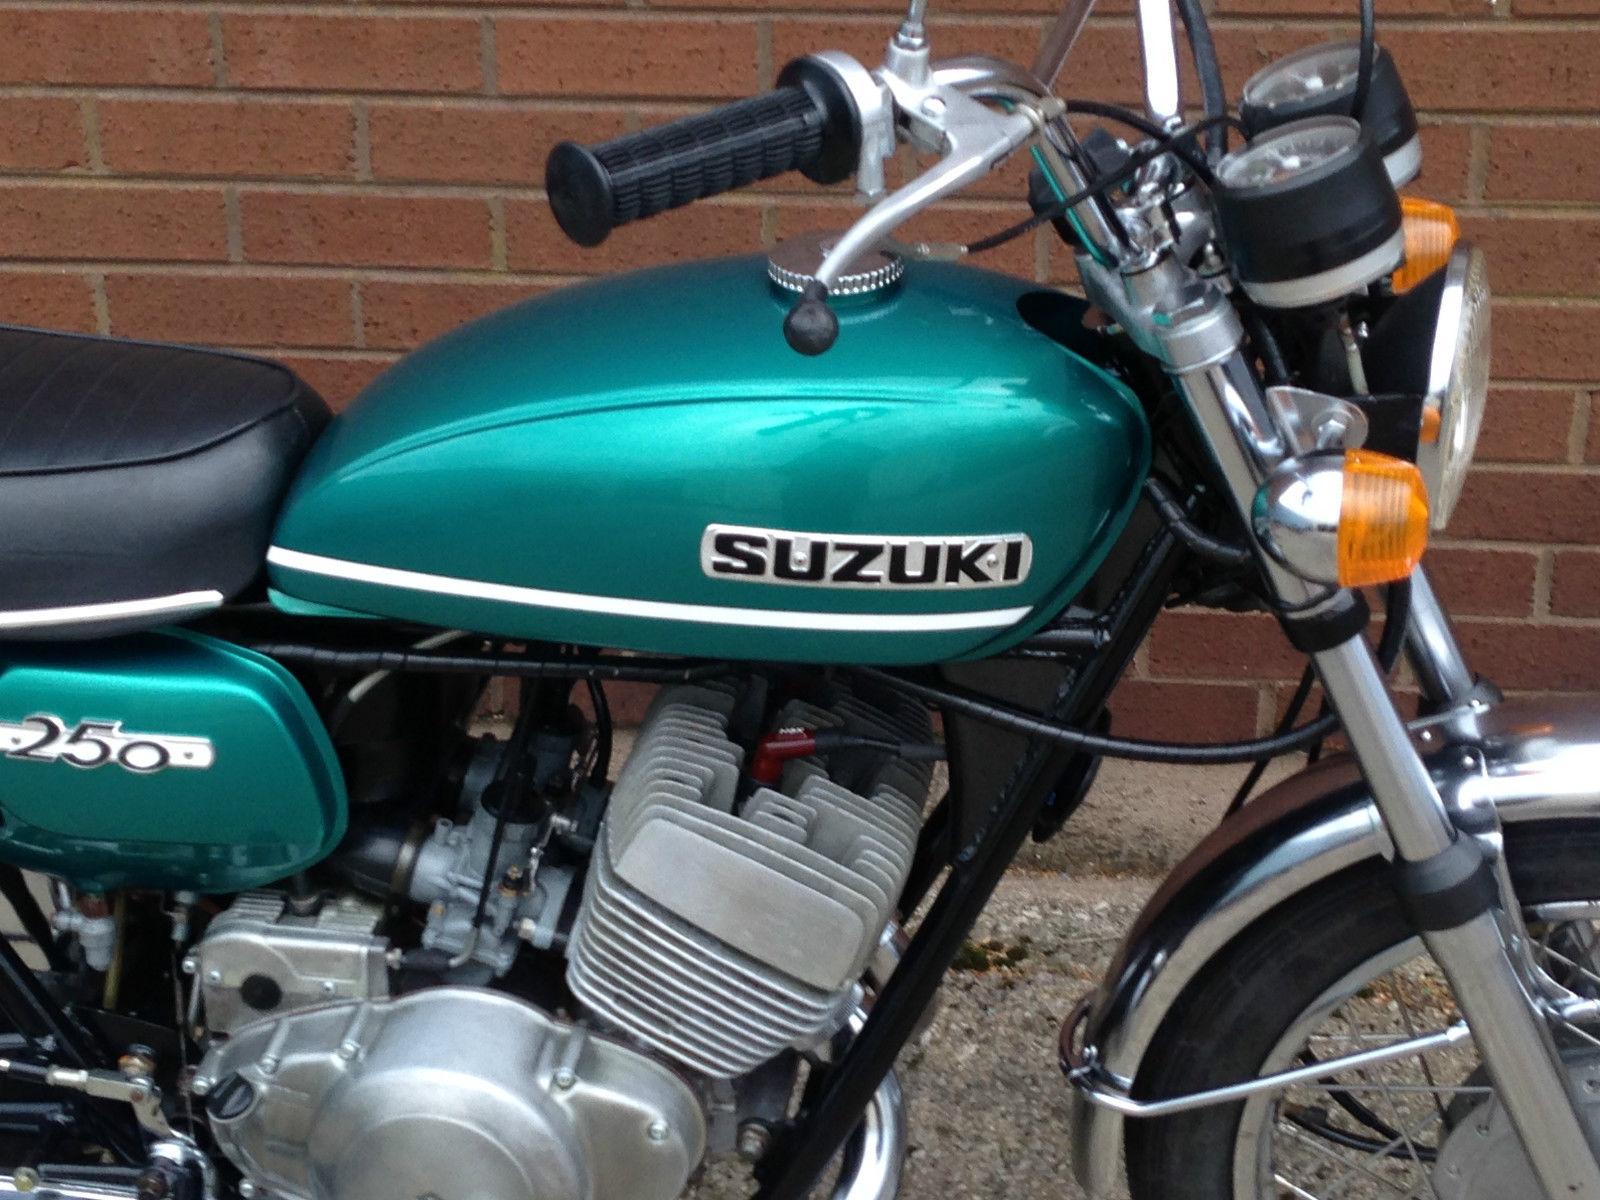 Hustler model 250